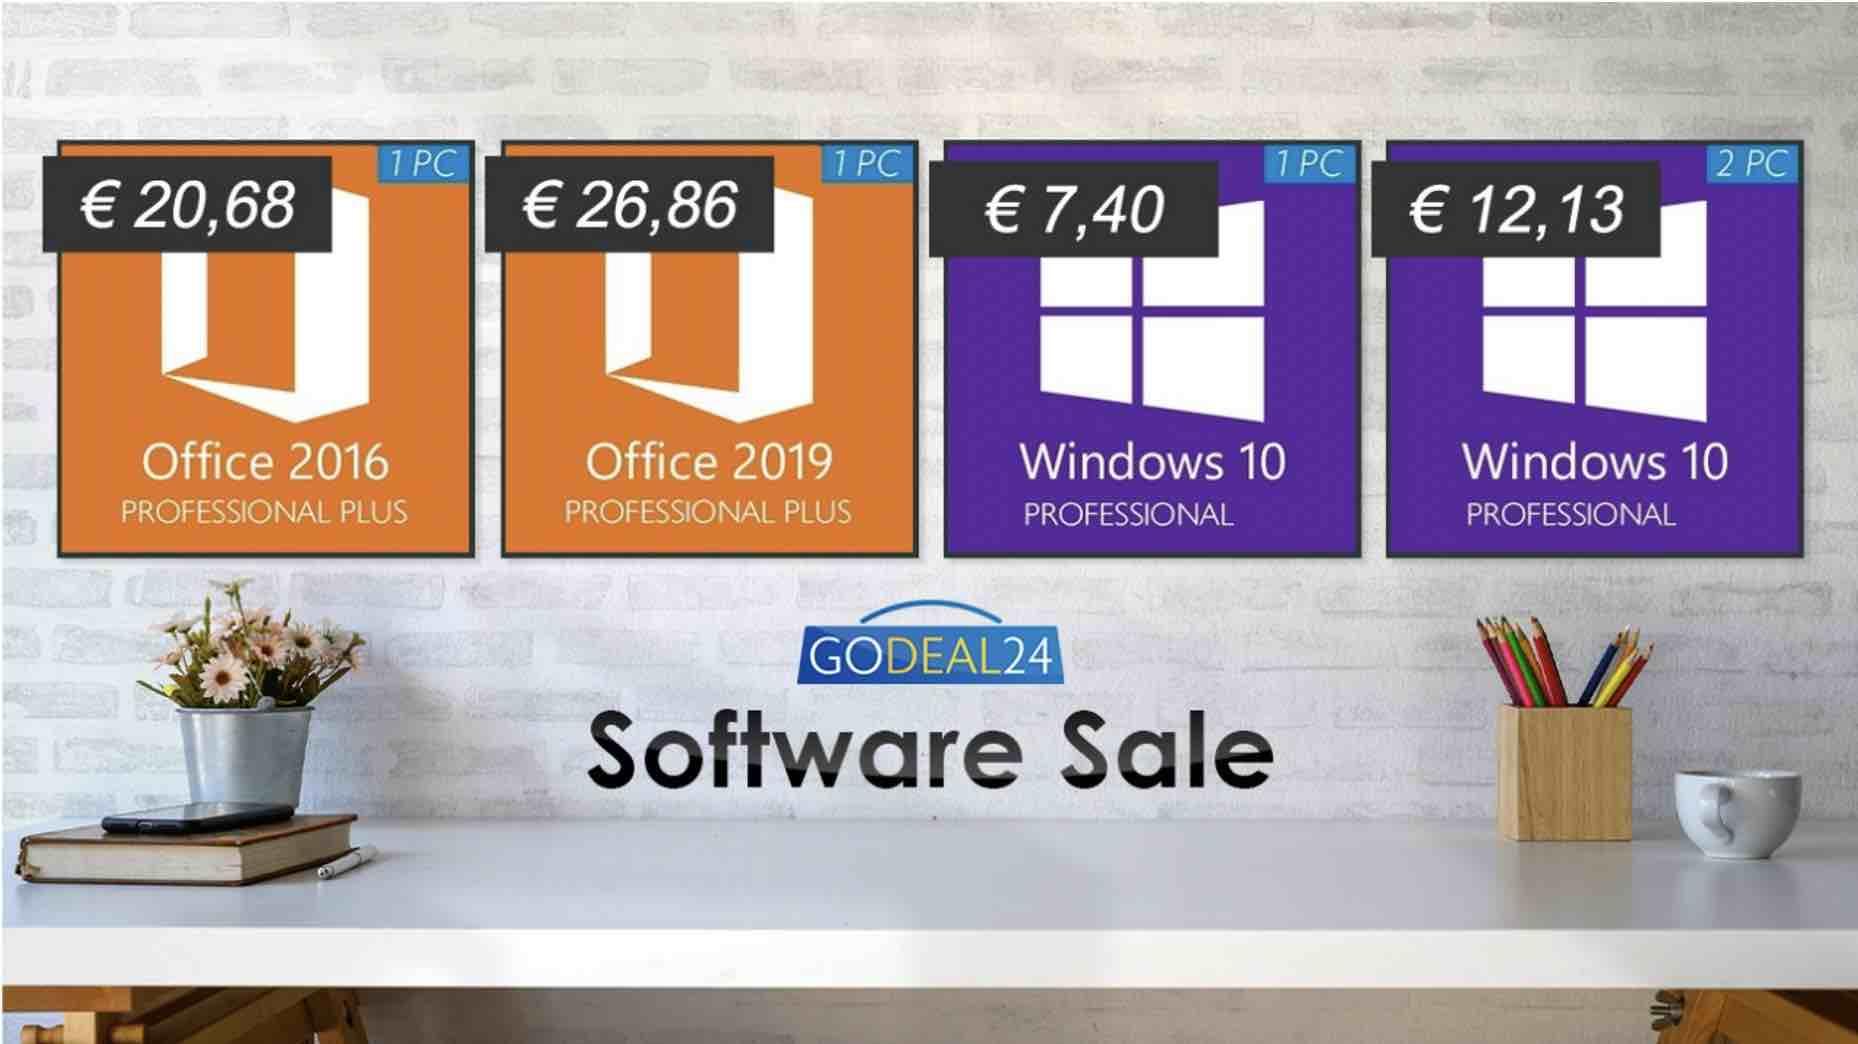 Kúpte si Windows 10 za 7,40€. Lacnejší už zrejme nebude